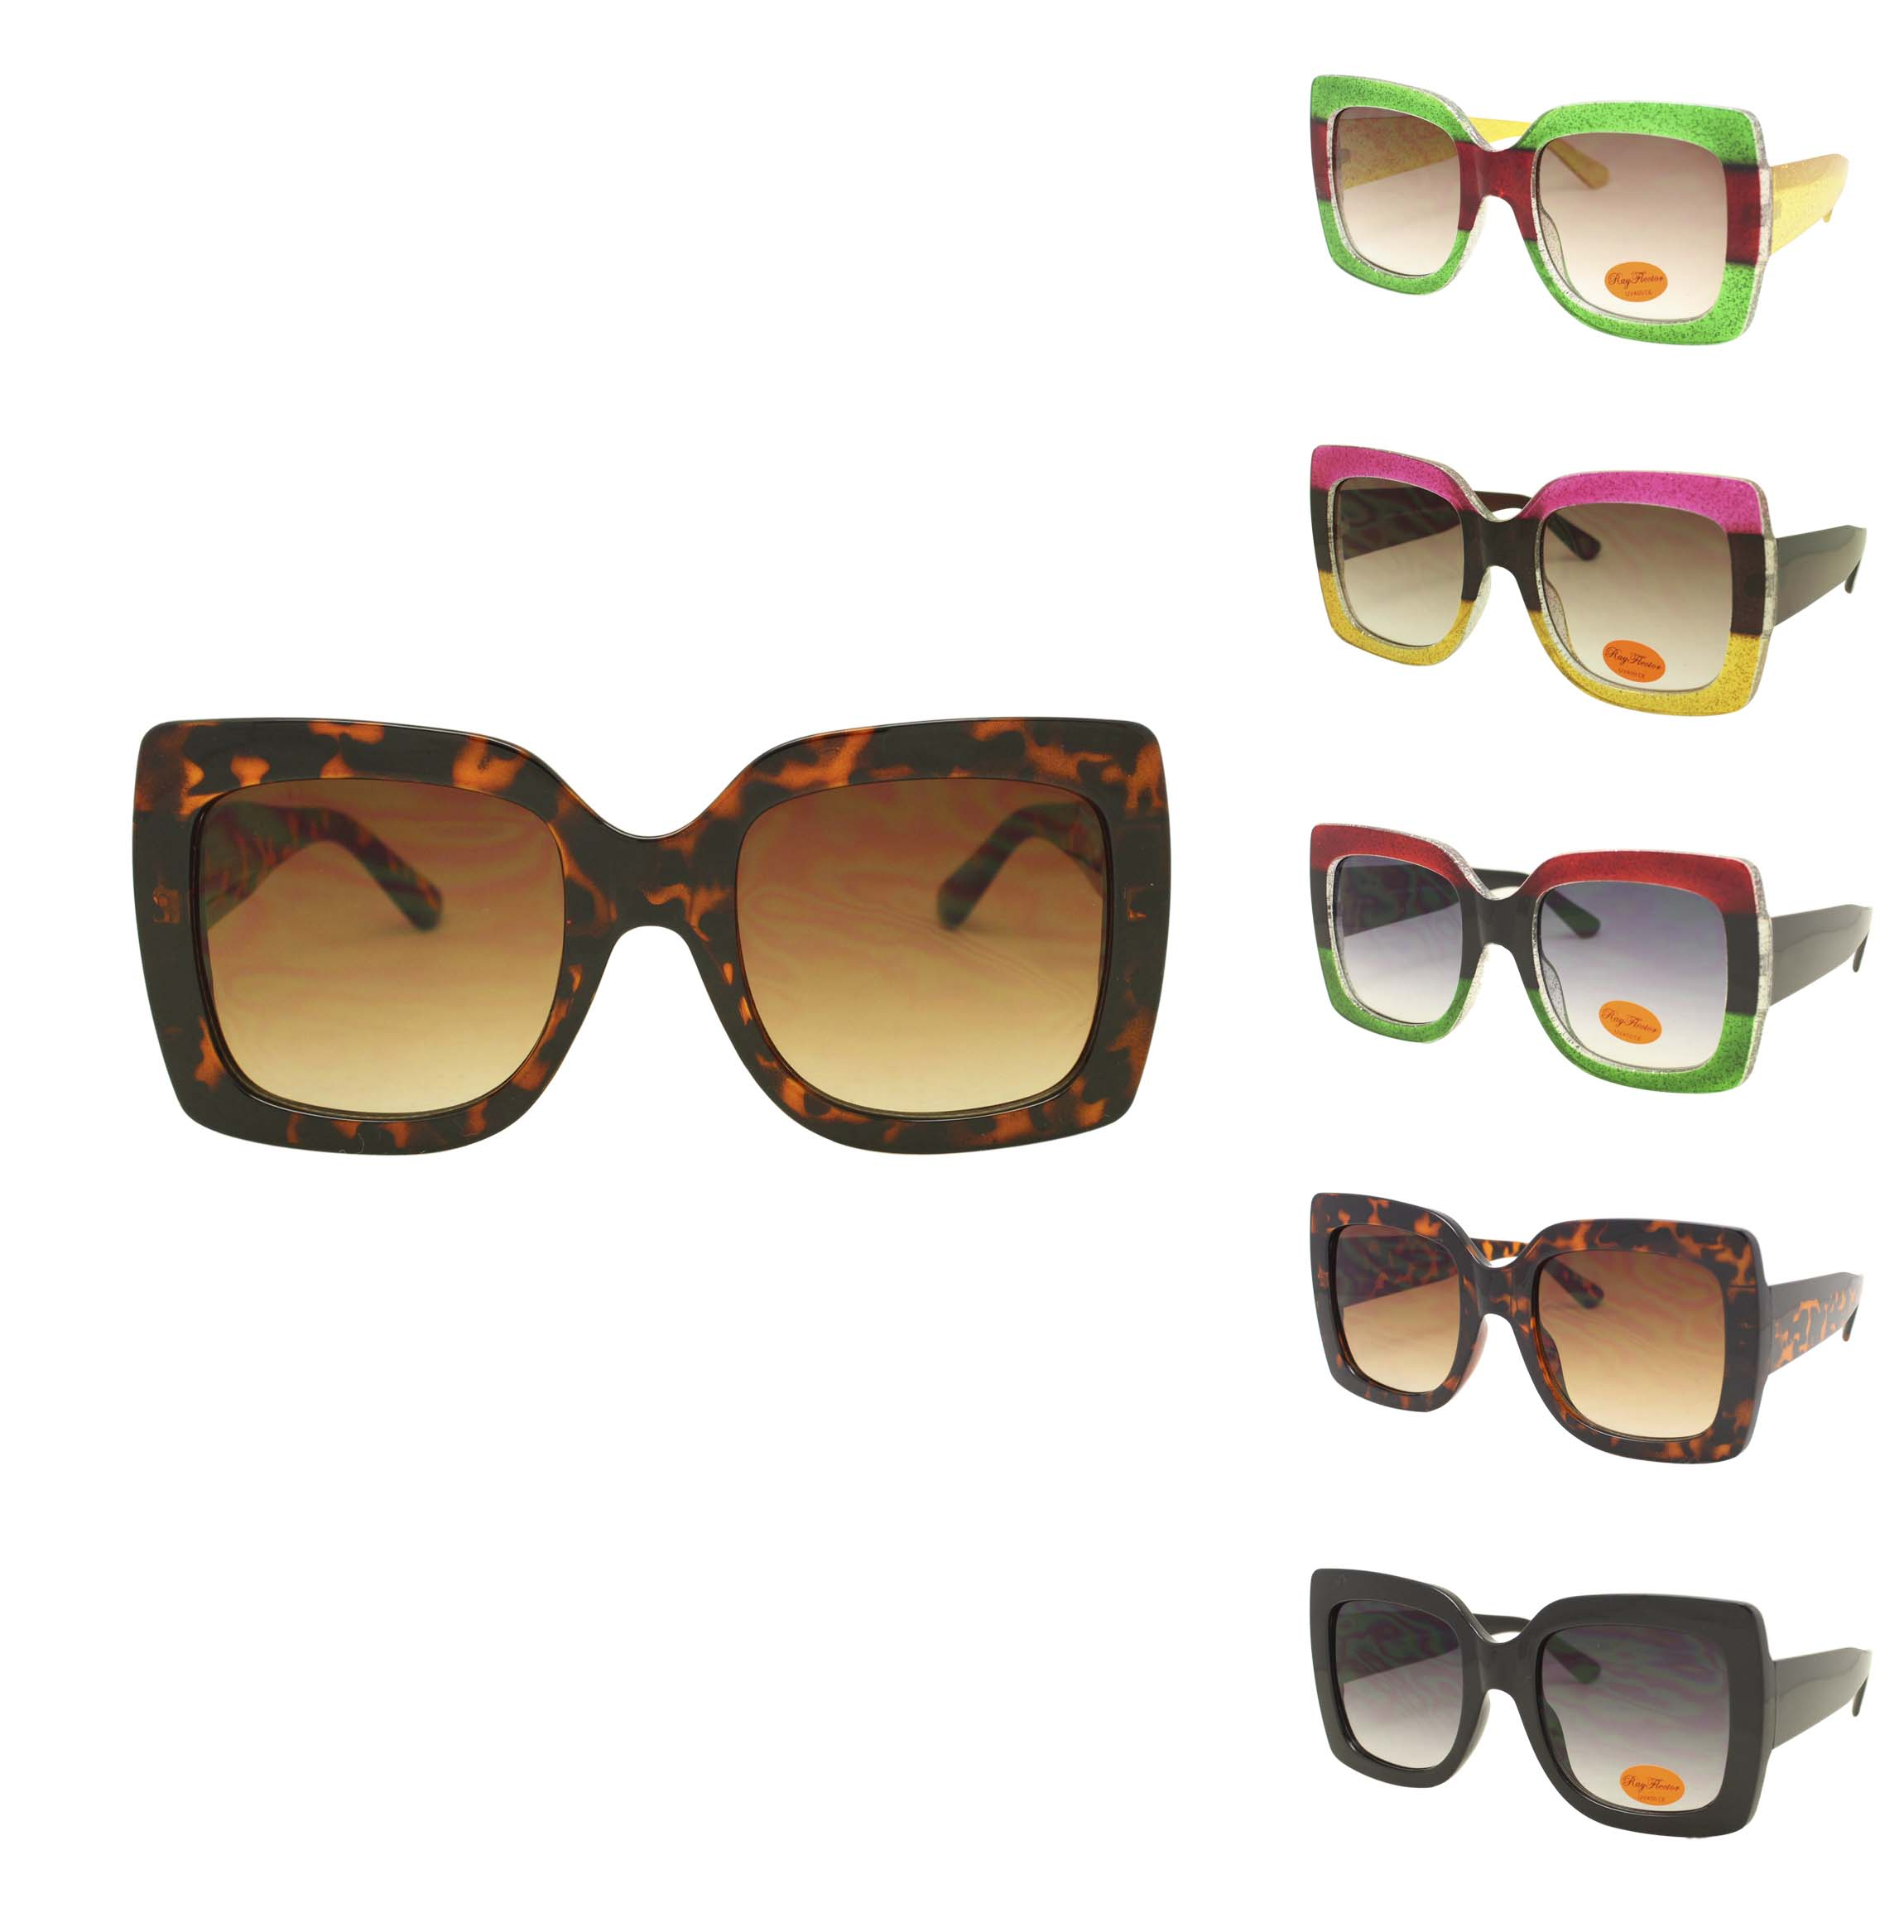 a2371aac6c6e Lex Colorful Lens Oversized Fashion Sunglasses